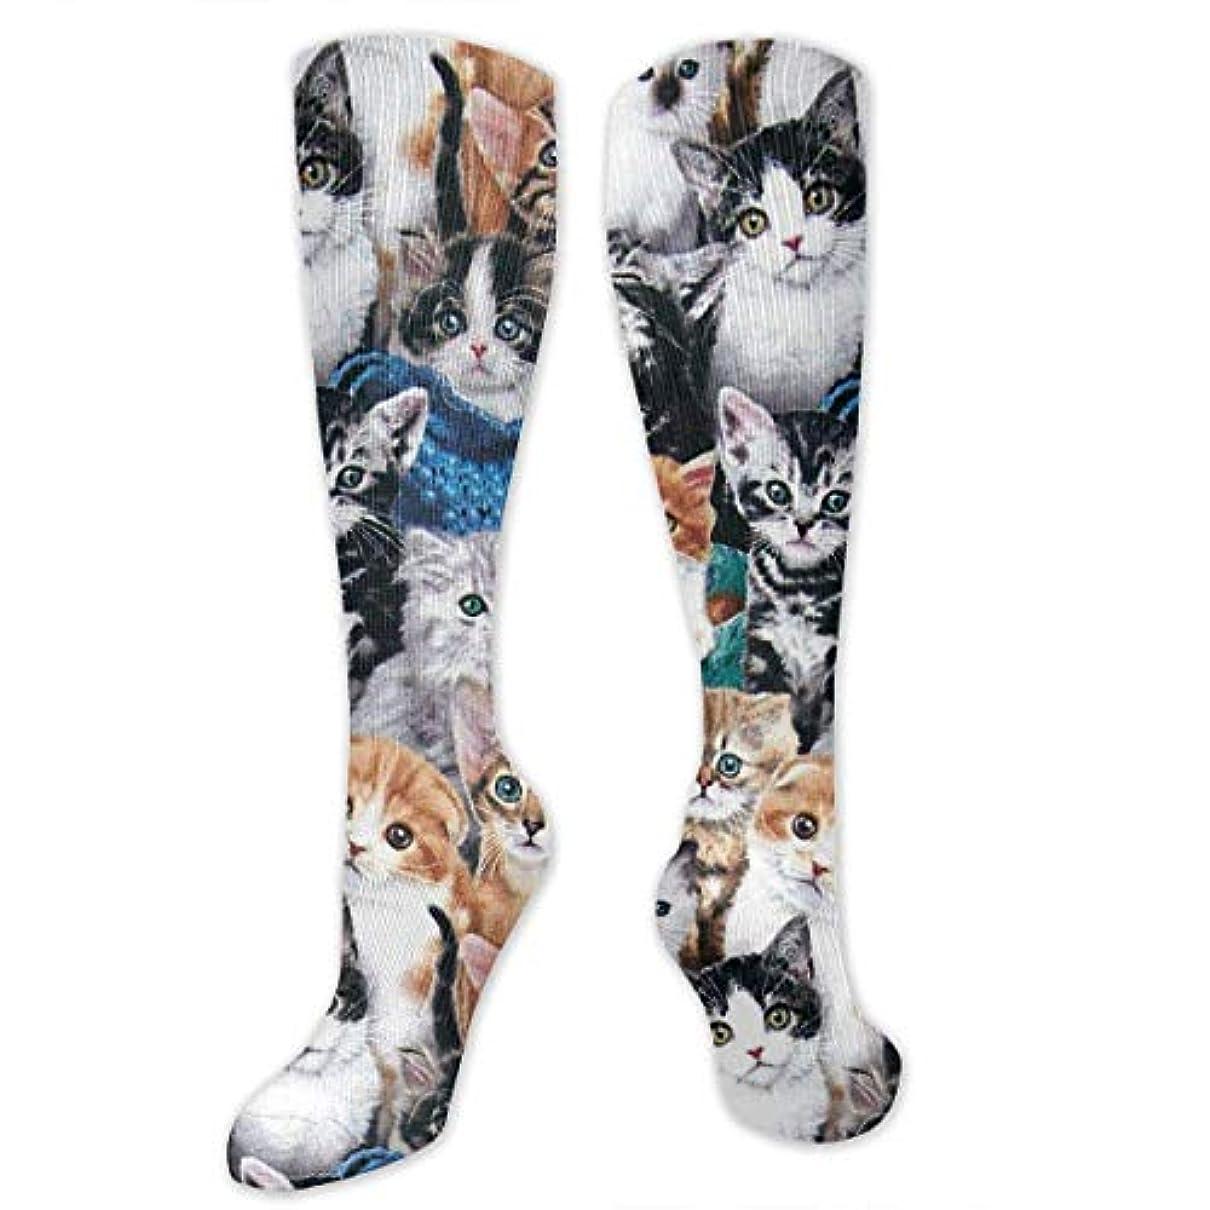 手数料メルボルンかわすセクシーな子猫の3つの印刷されたアスレチックソックスの余分な長いソックス膝の高い靴下